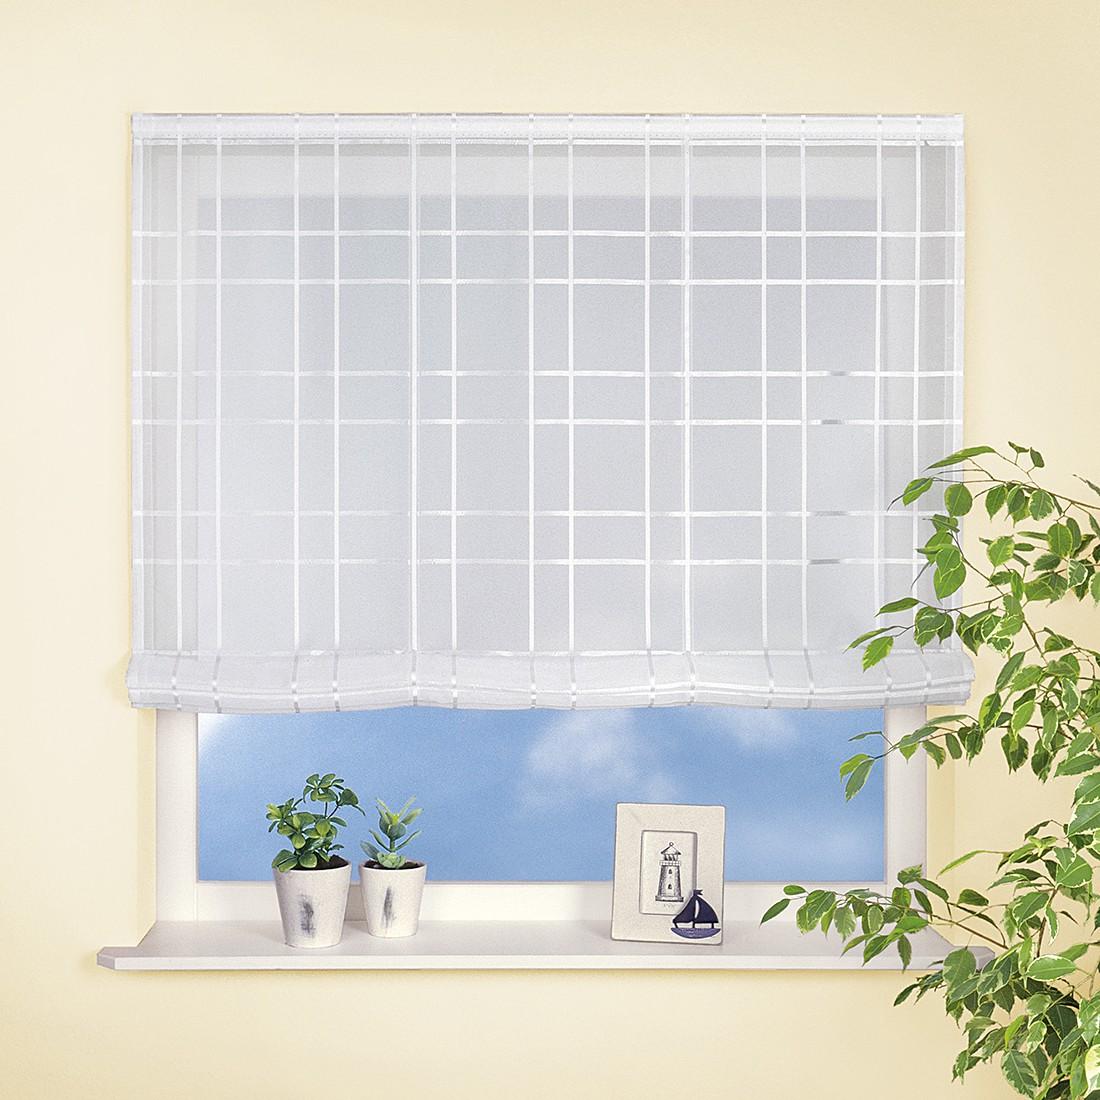 Raffrollo Mirinda – Weiß – 120 x170 cm, Home24Deko jetzt kaufen